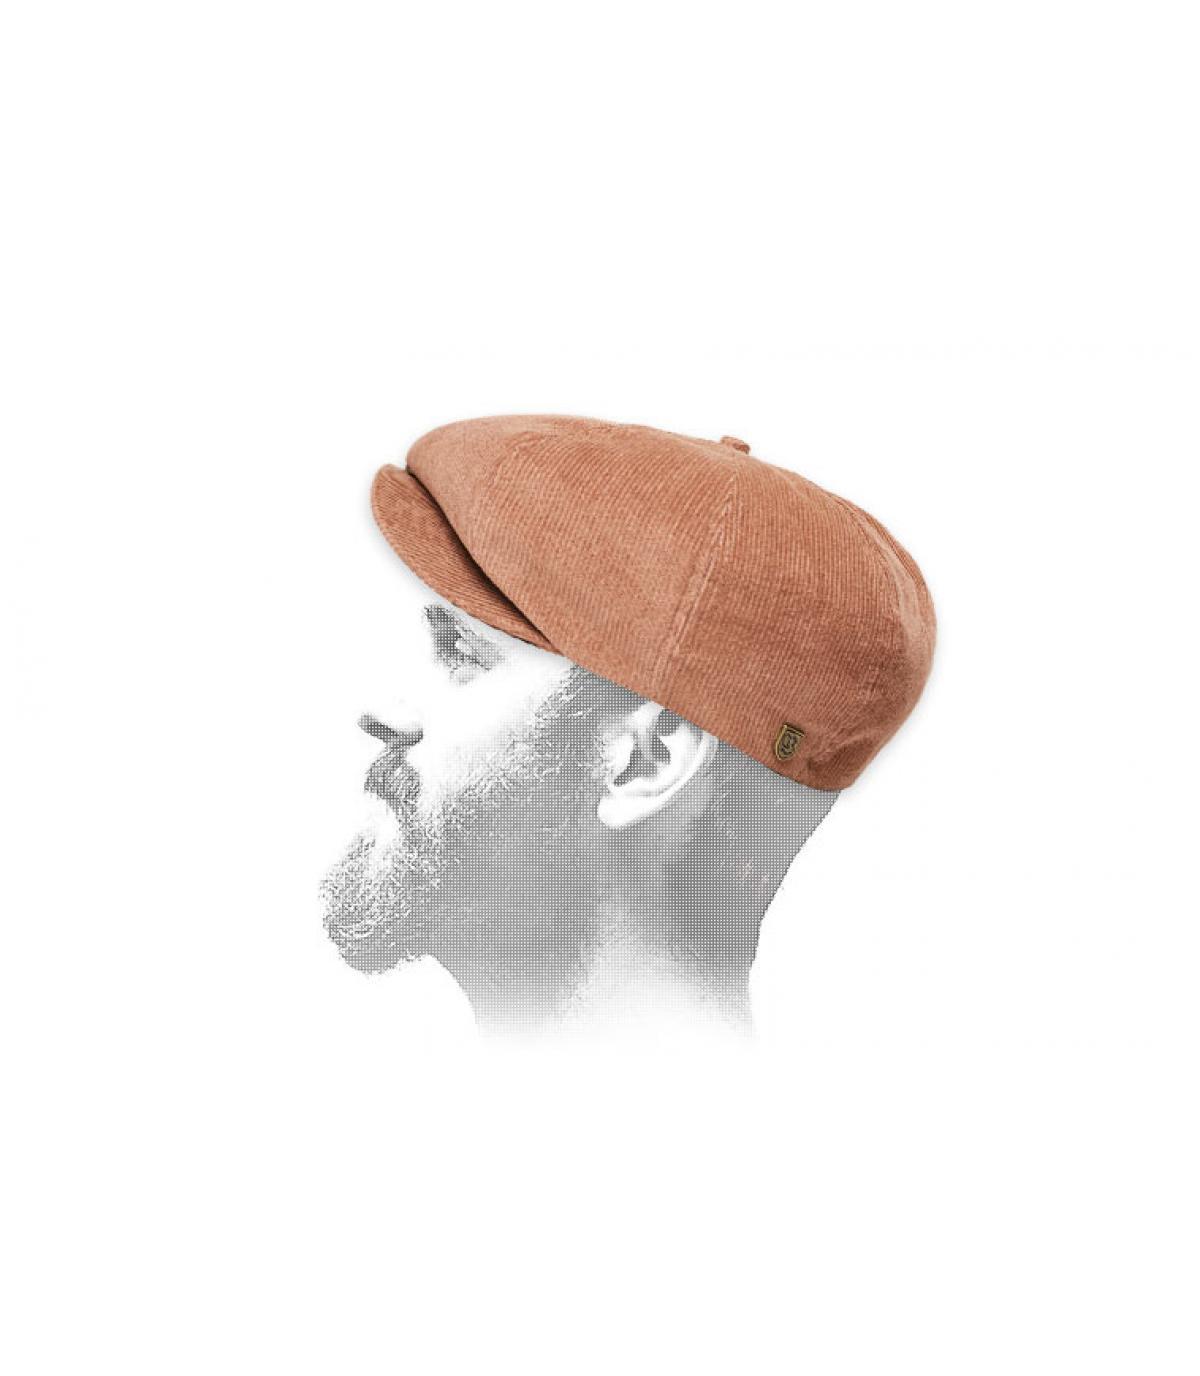 gorra repartidor pana